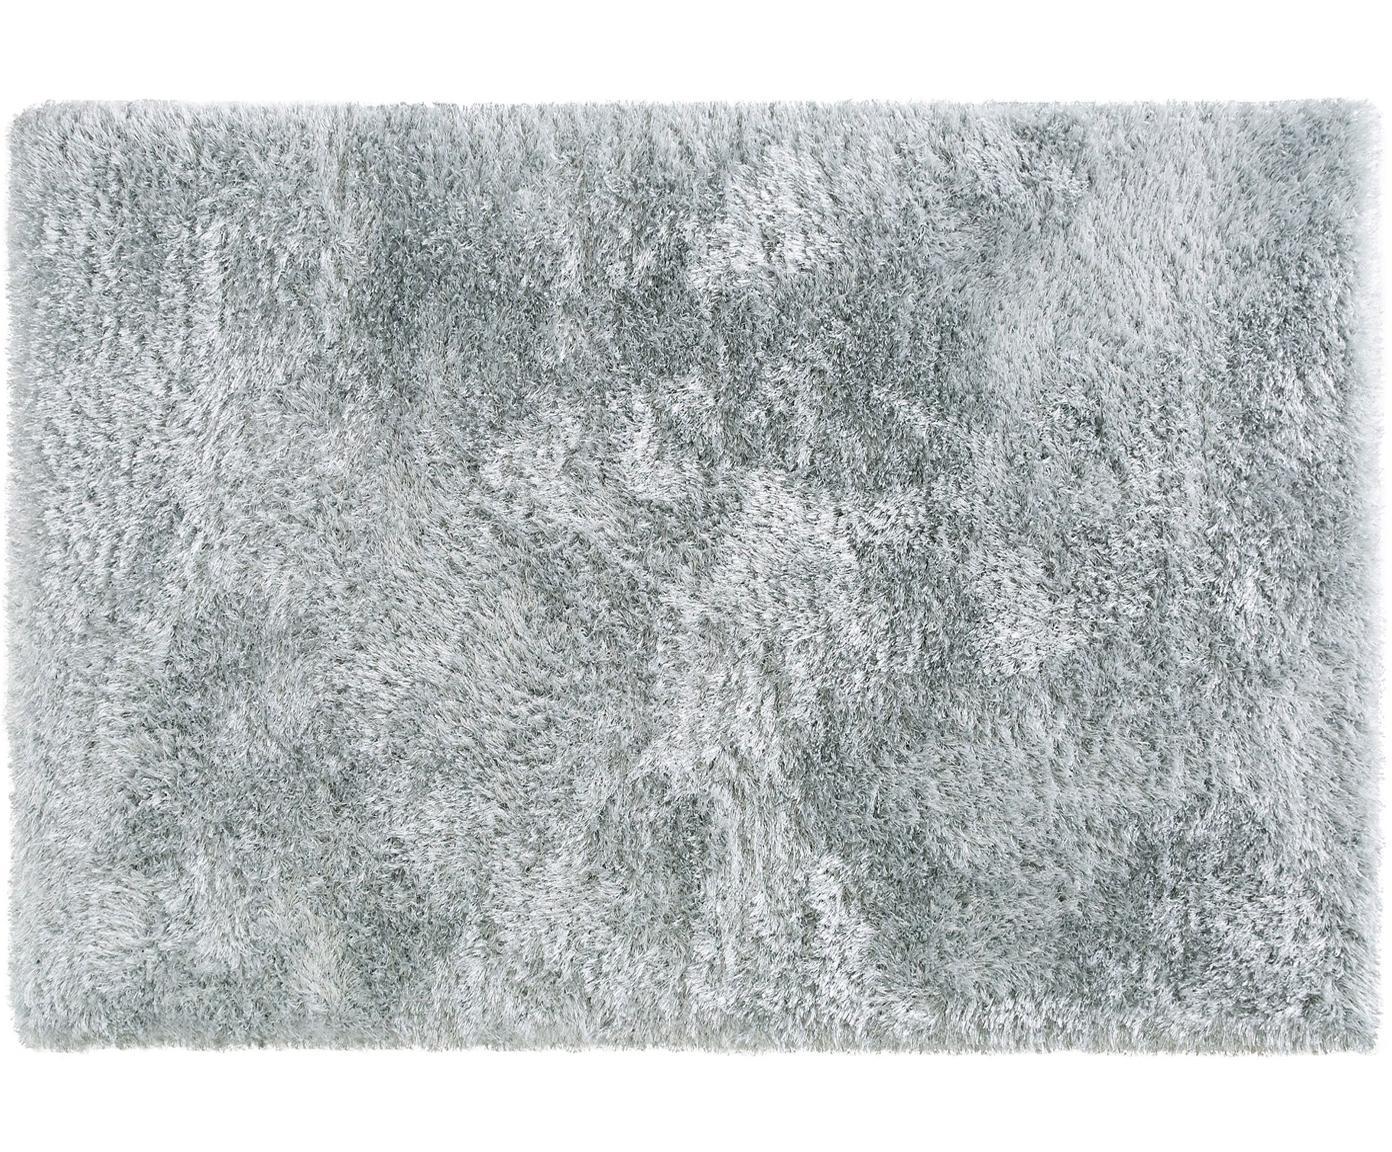 Tappeto a pelo lungo effetto lucido Lea, 50% poliestere, 50% polipropilene, Azzurro, Larg. 160 x Lung. 230 cm (taglia M)